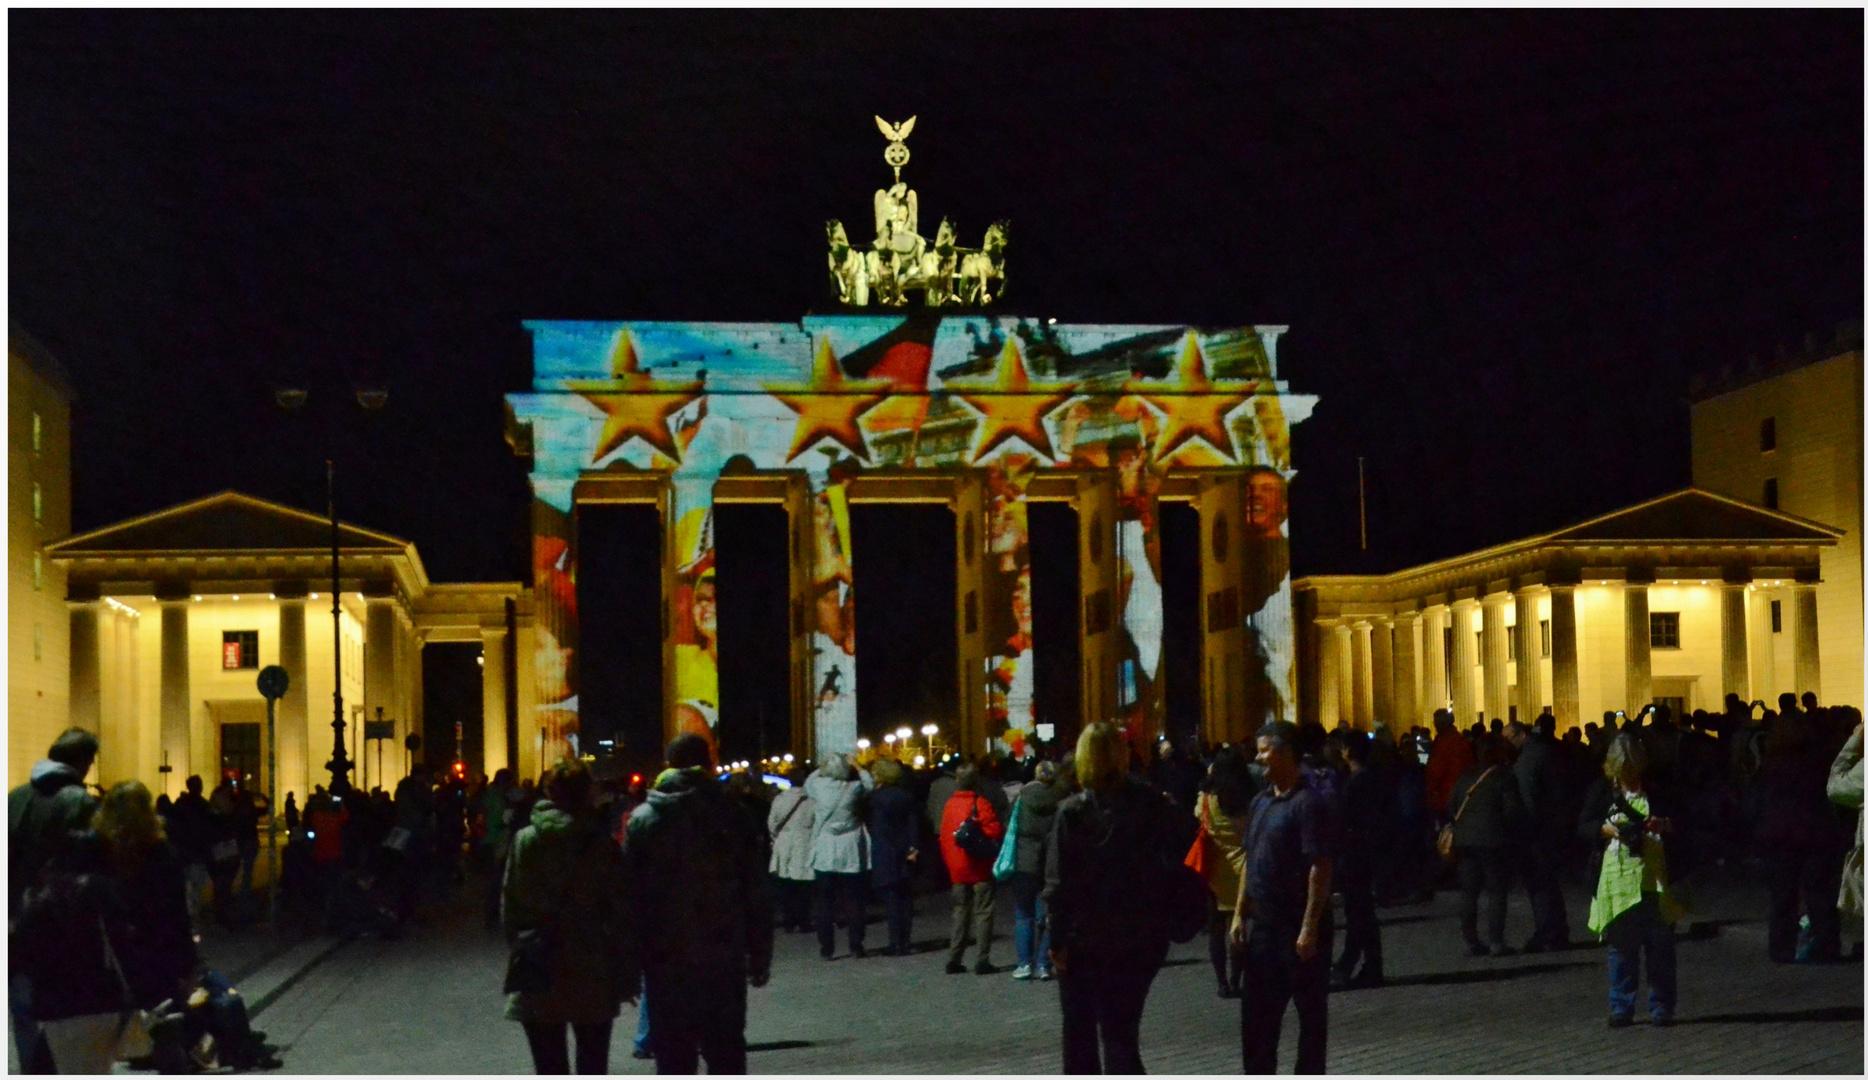 Das Brandenburger Tor- Festival of ligths, Berlin 2014